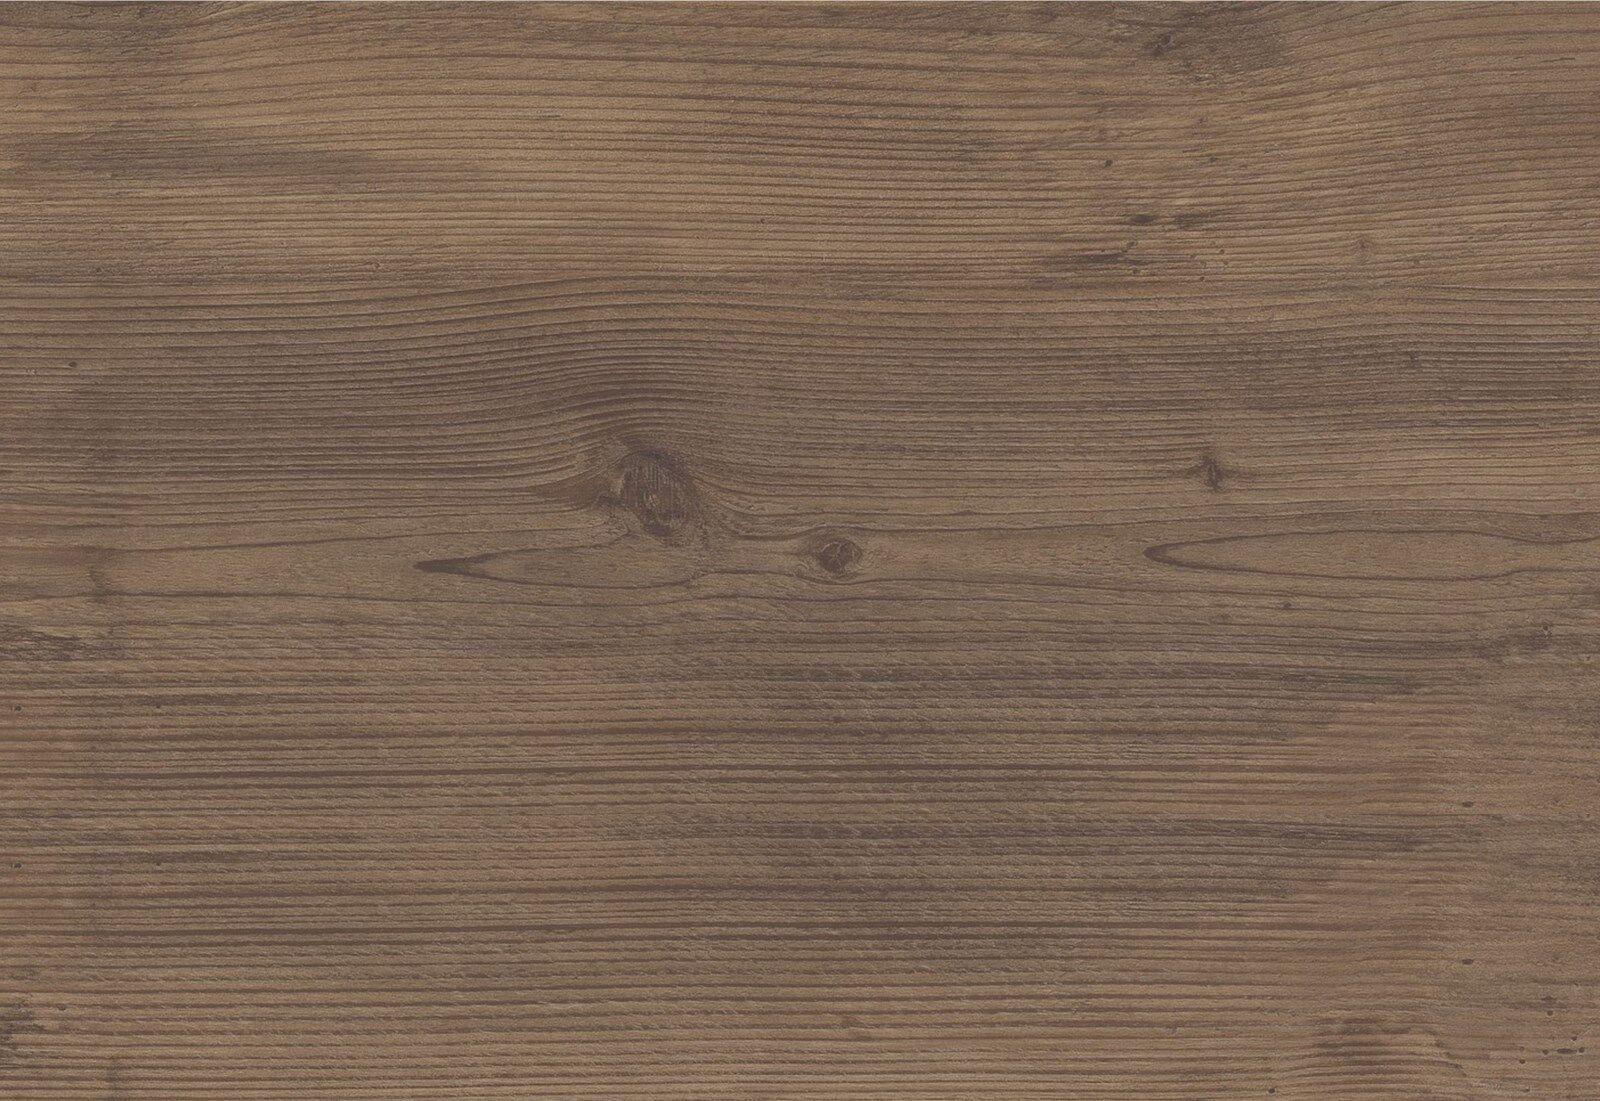 1 Paket (3,77 m²) Vinylboden zum Kleben - Französische Pinie Coffee (  m²)